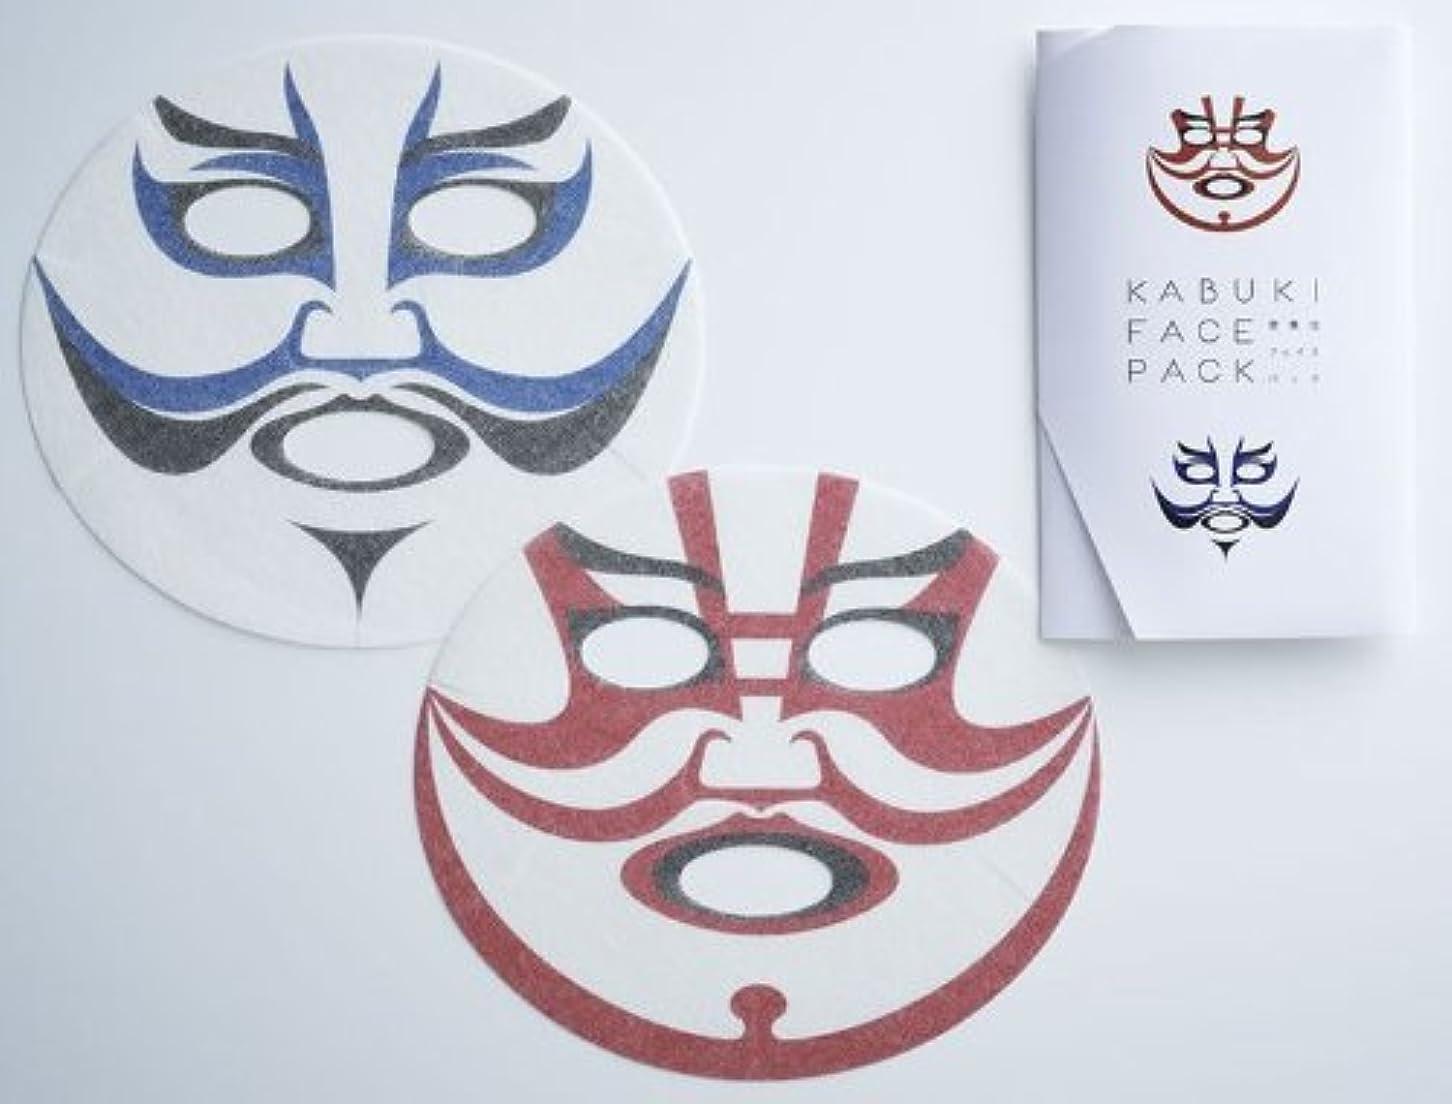 受信それぞれ学ぶ歌舞伎フェイスパック KABUKI FACE PACK